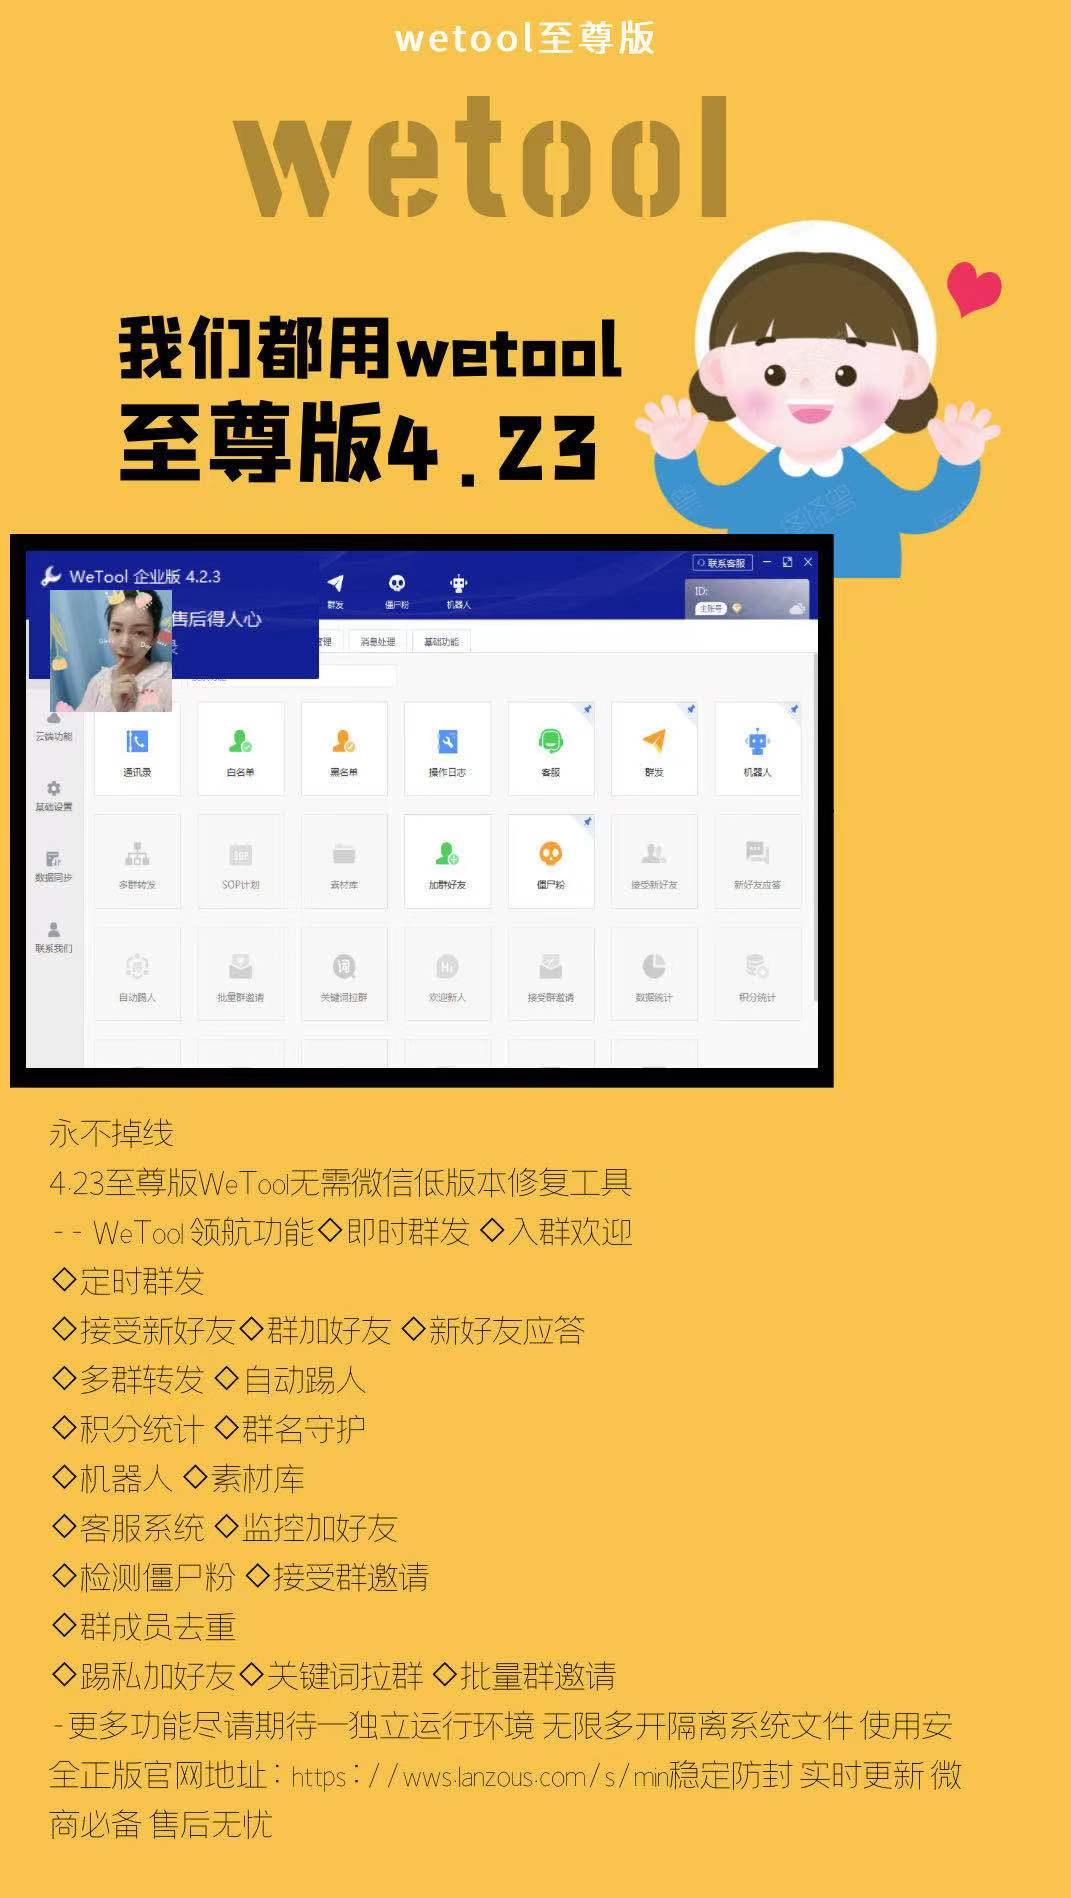 新wetool423至尊版【群发入群还原积分统计检测僵尸】